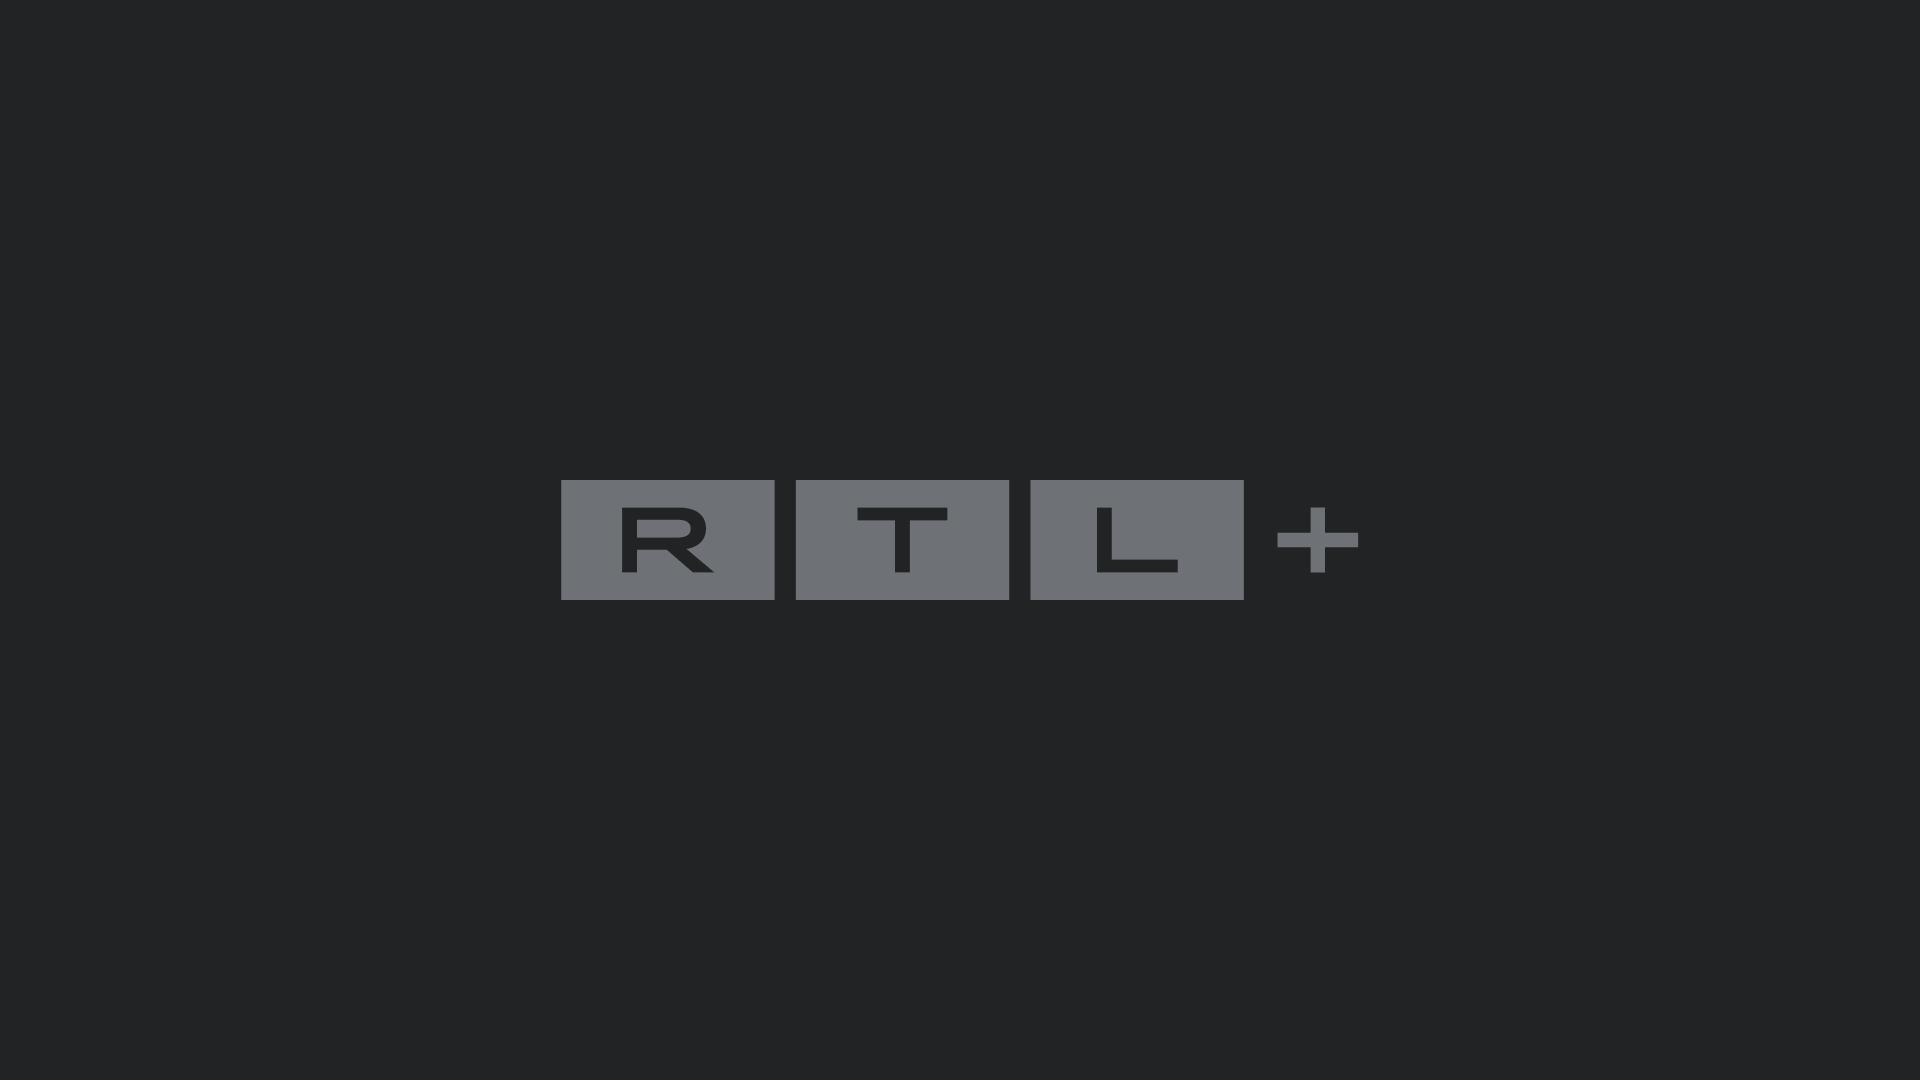 Thema u.a.: Zwei Rennmaschinen - Walter Röhrl und der Porsche 911 Turbo S | Folge 1